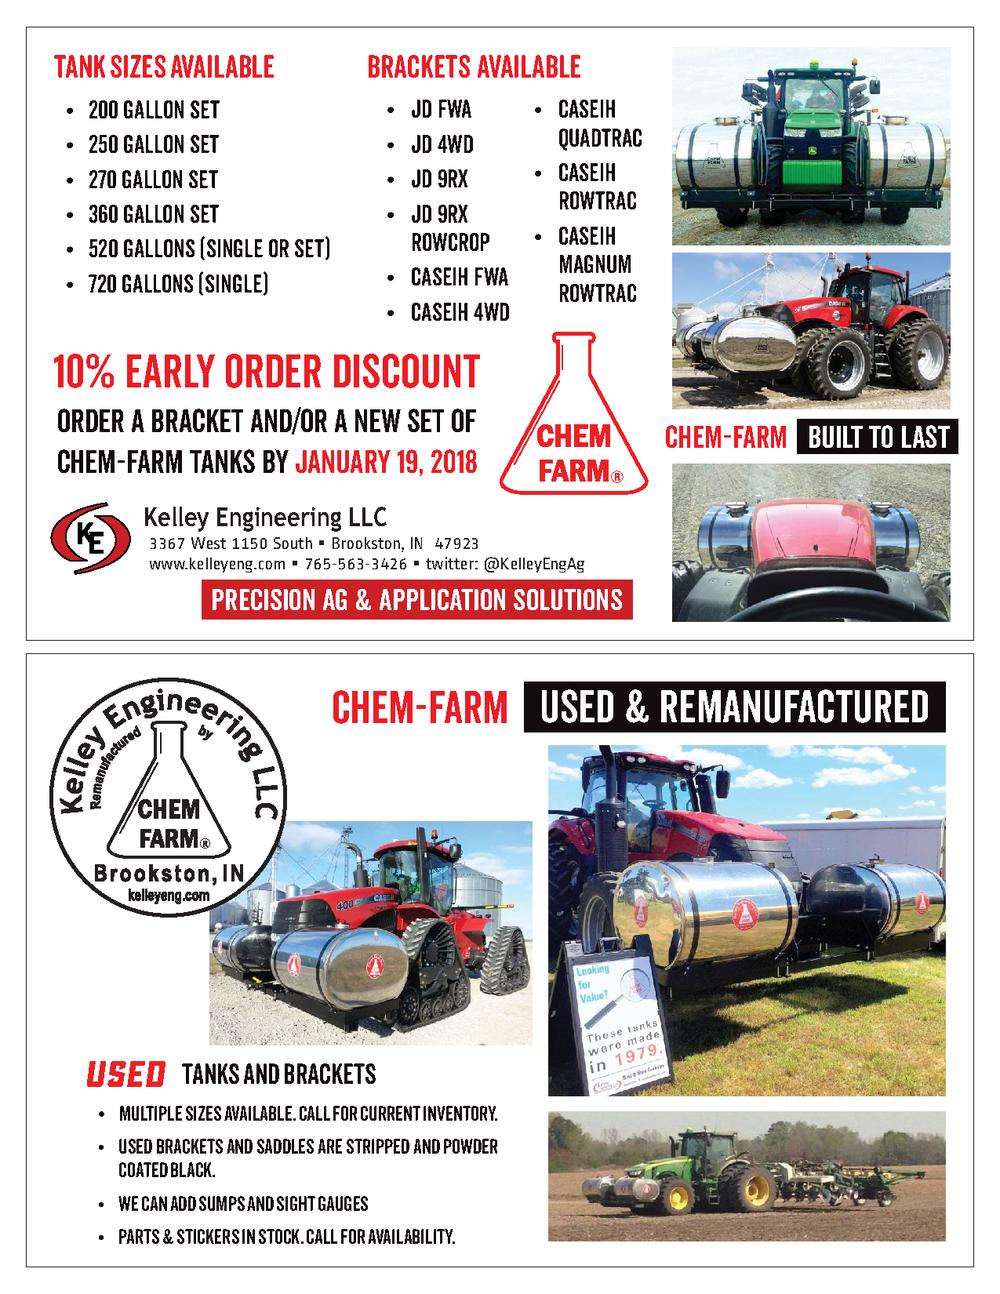 Chem-Farm Early Order